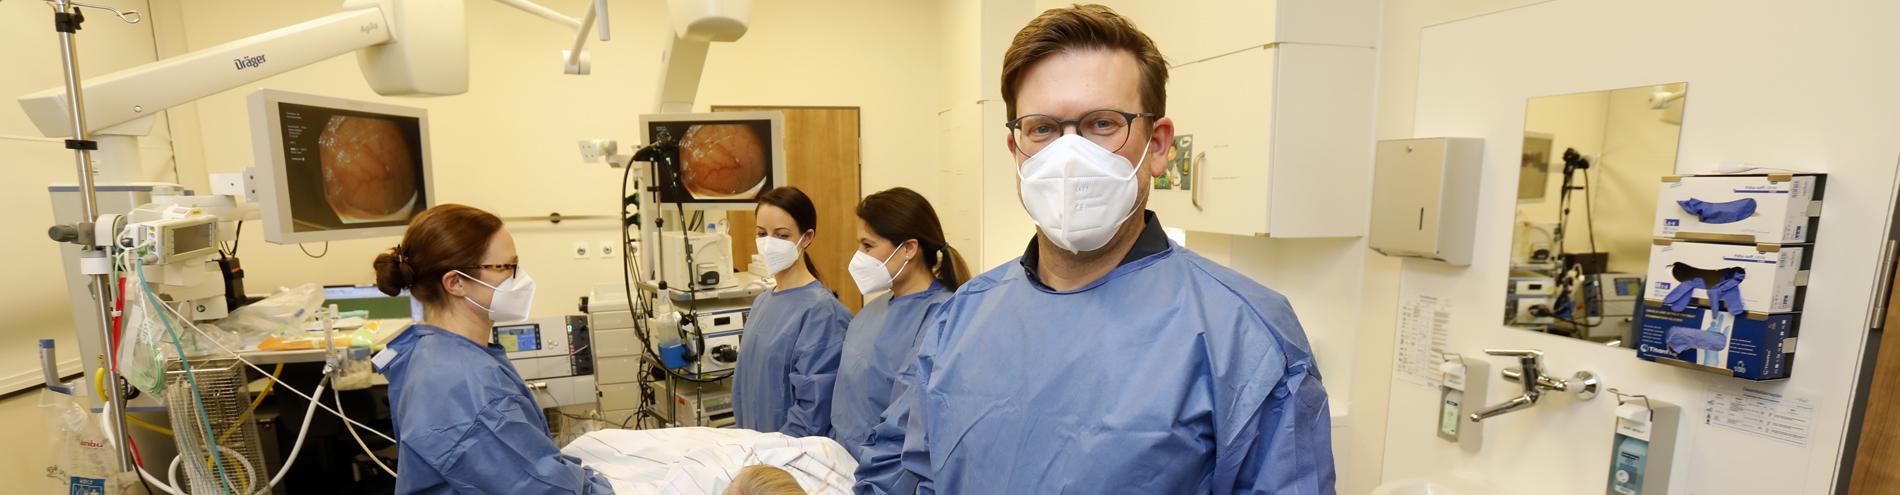 Bild passend zu Sektion Endoskopie